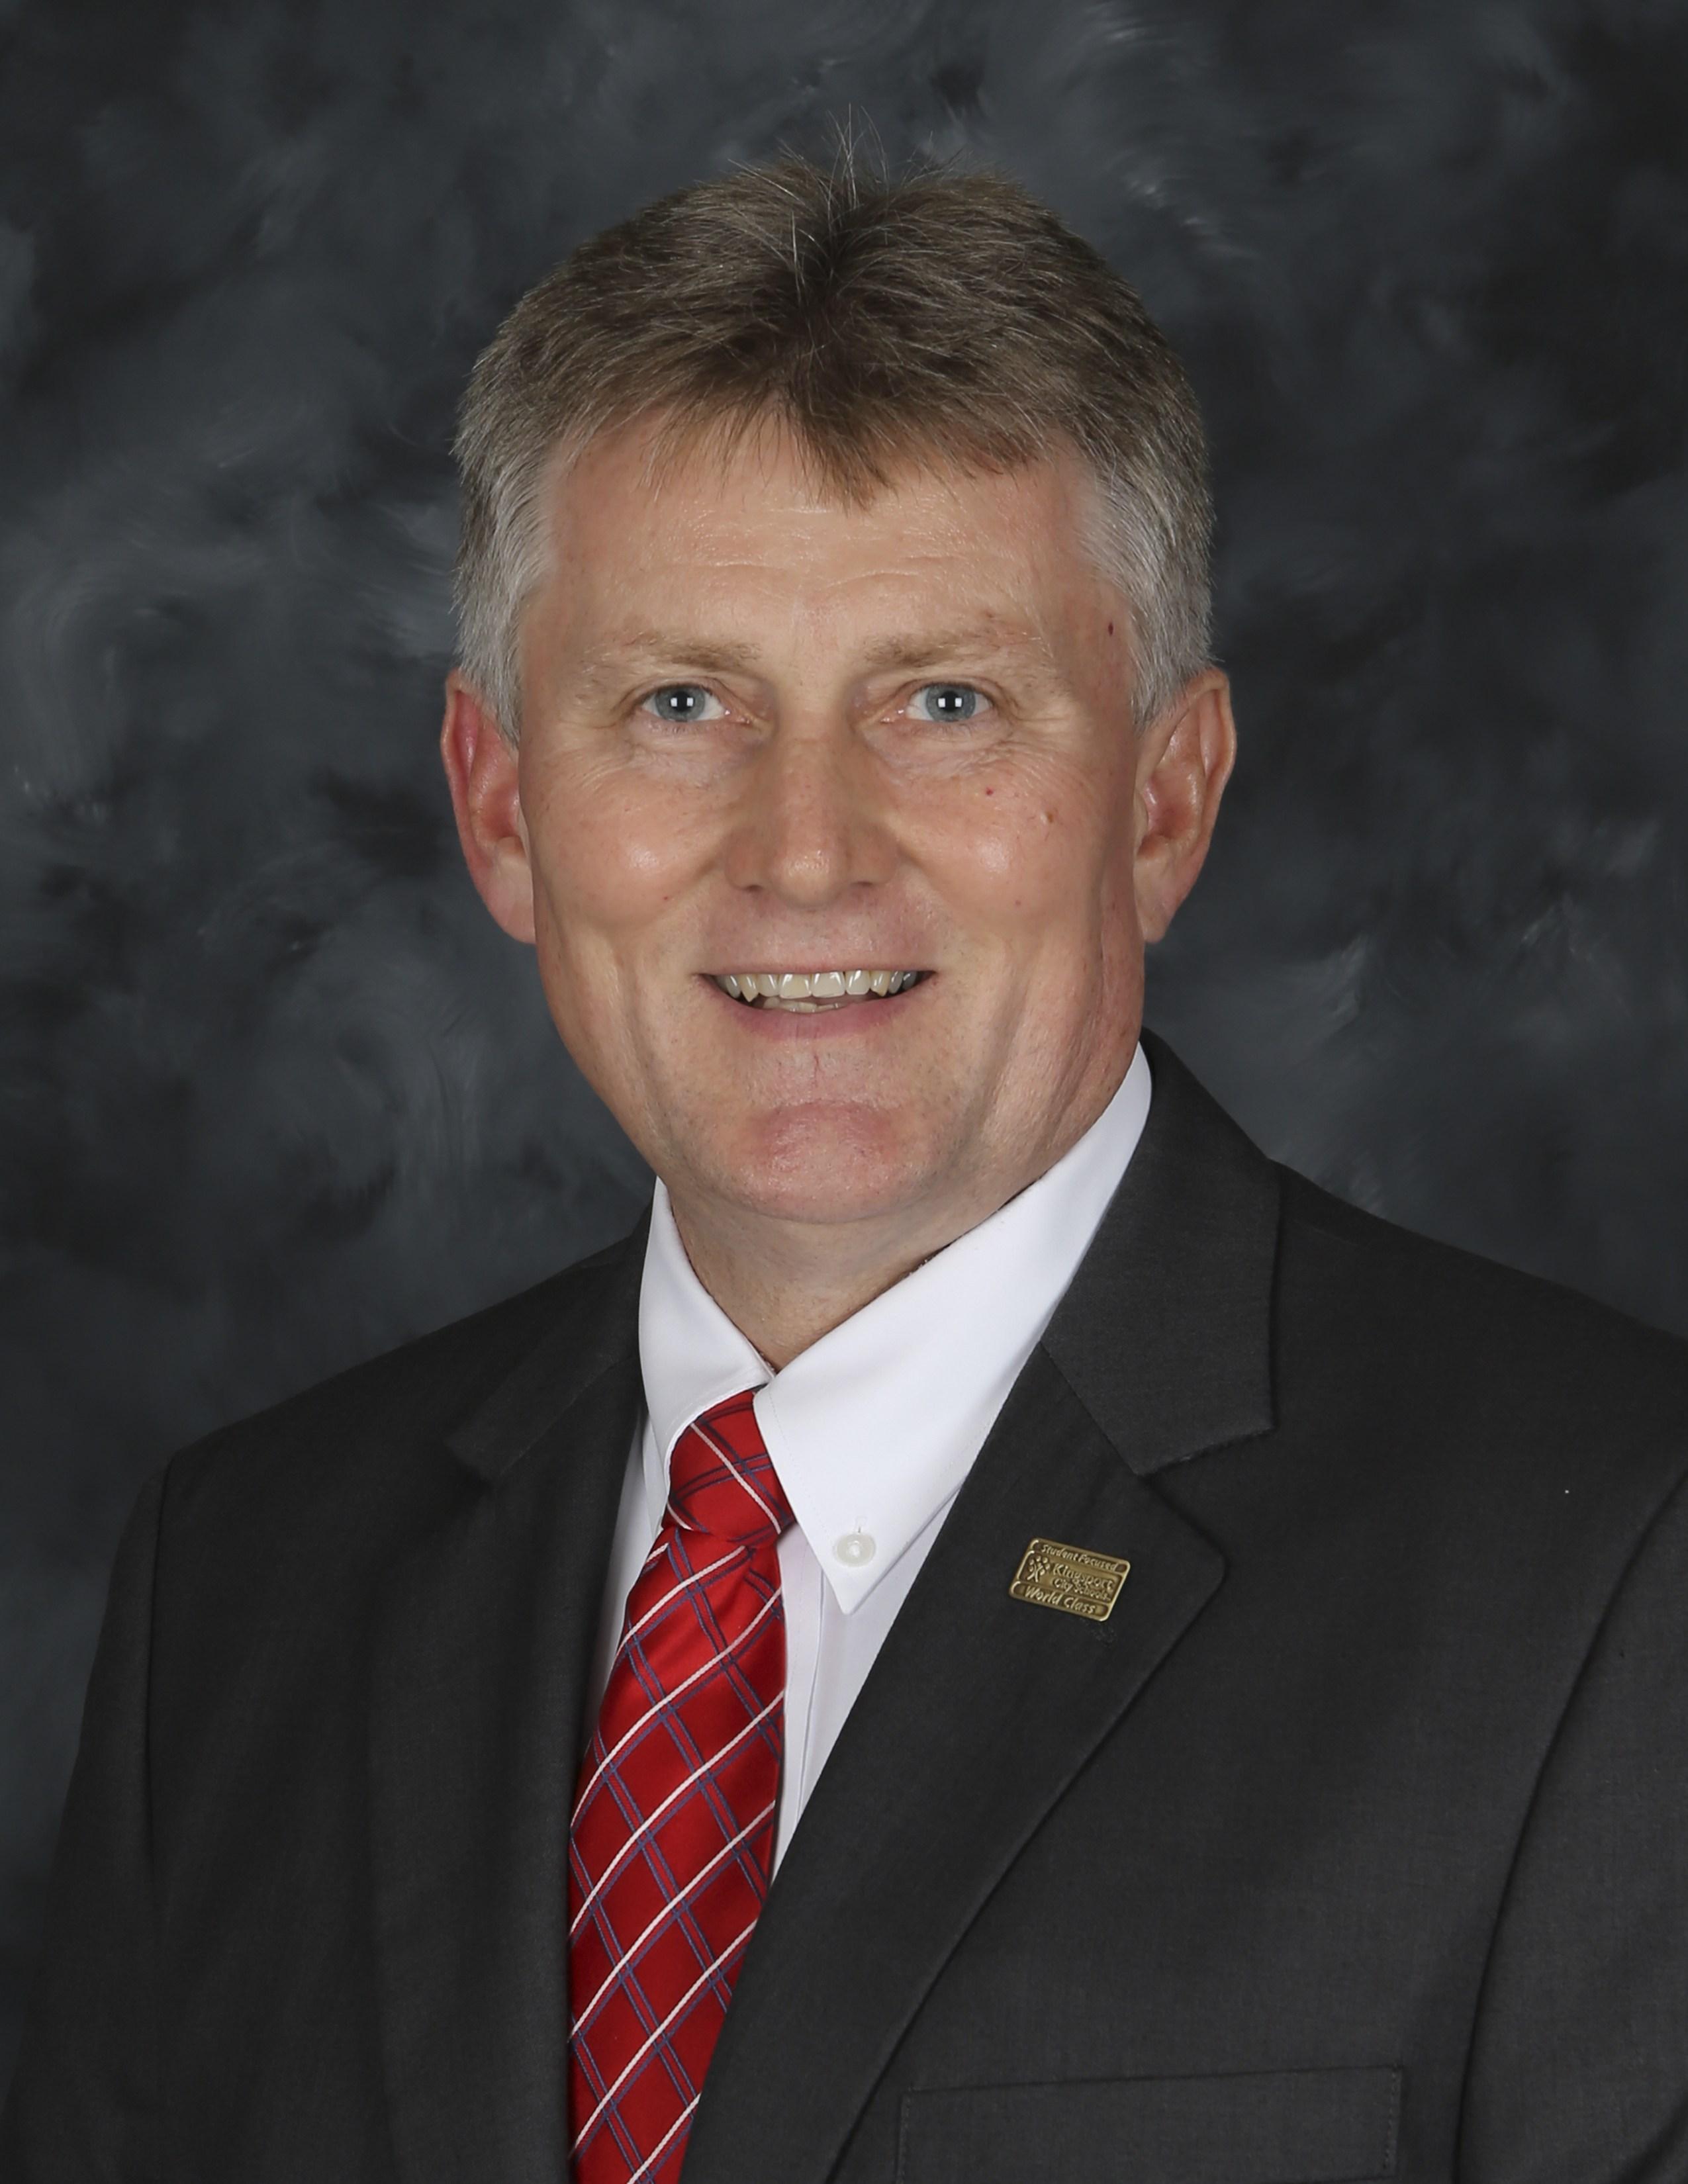 Dr. Lyle C. Ailshie